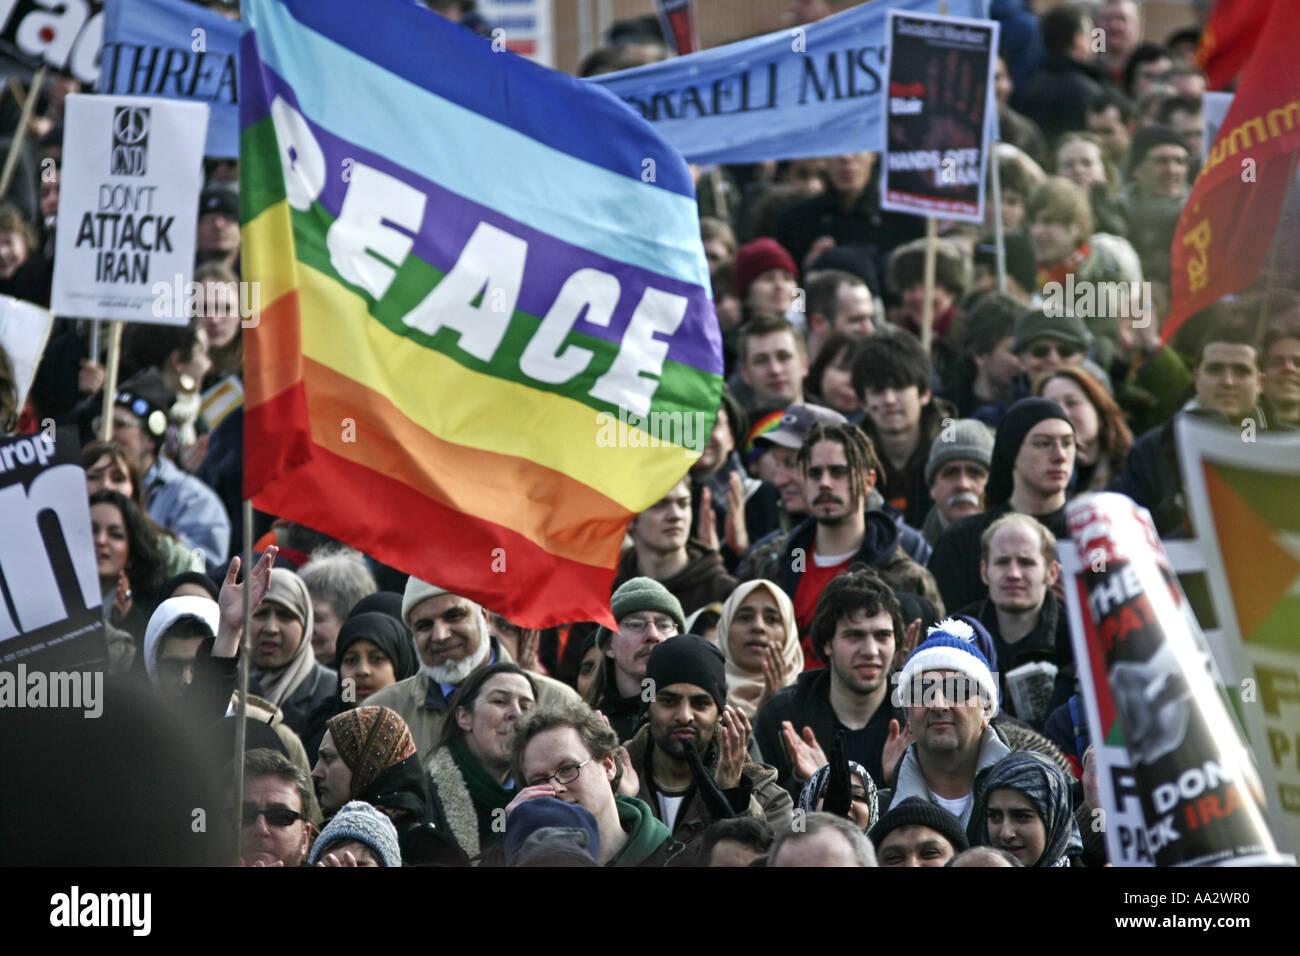 L'ouverture de paix démo anti-guerre à Londres UK Photo Stock